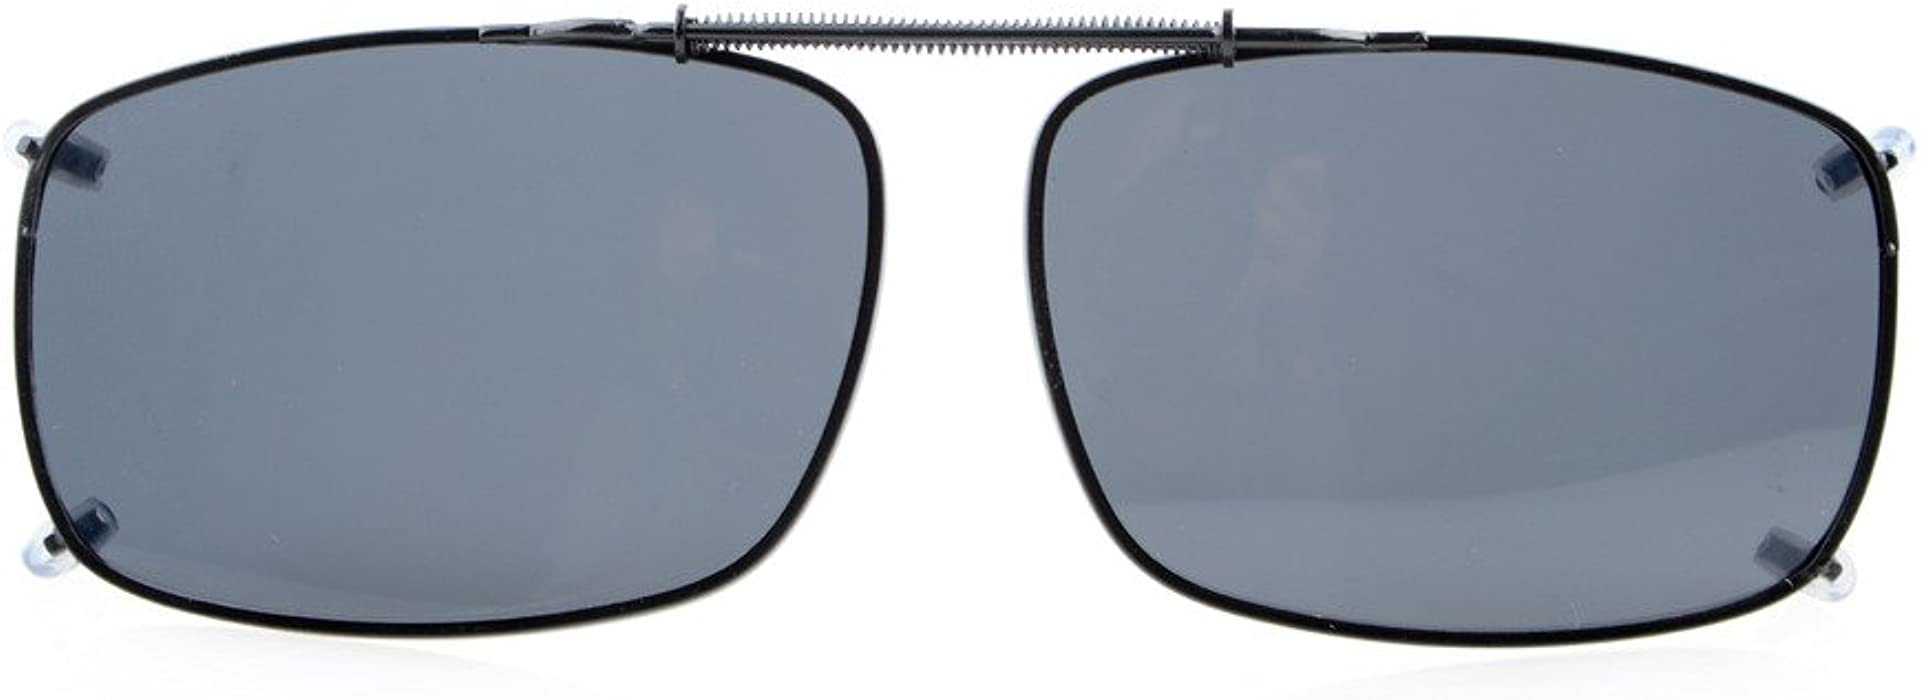 031b301625f0 Eyekepper 58x38 MM Large Clip On Sunglasses With Spring Draw Bar Polarized  Grey Lens  Amazon.co.uk  Clothing